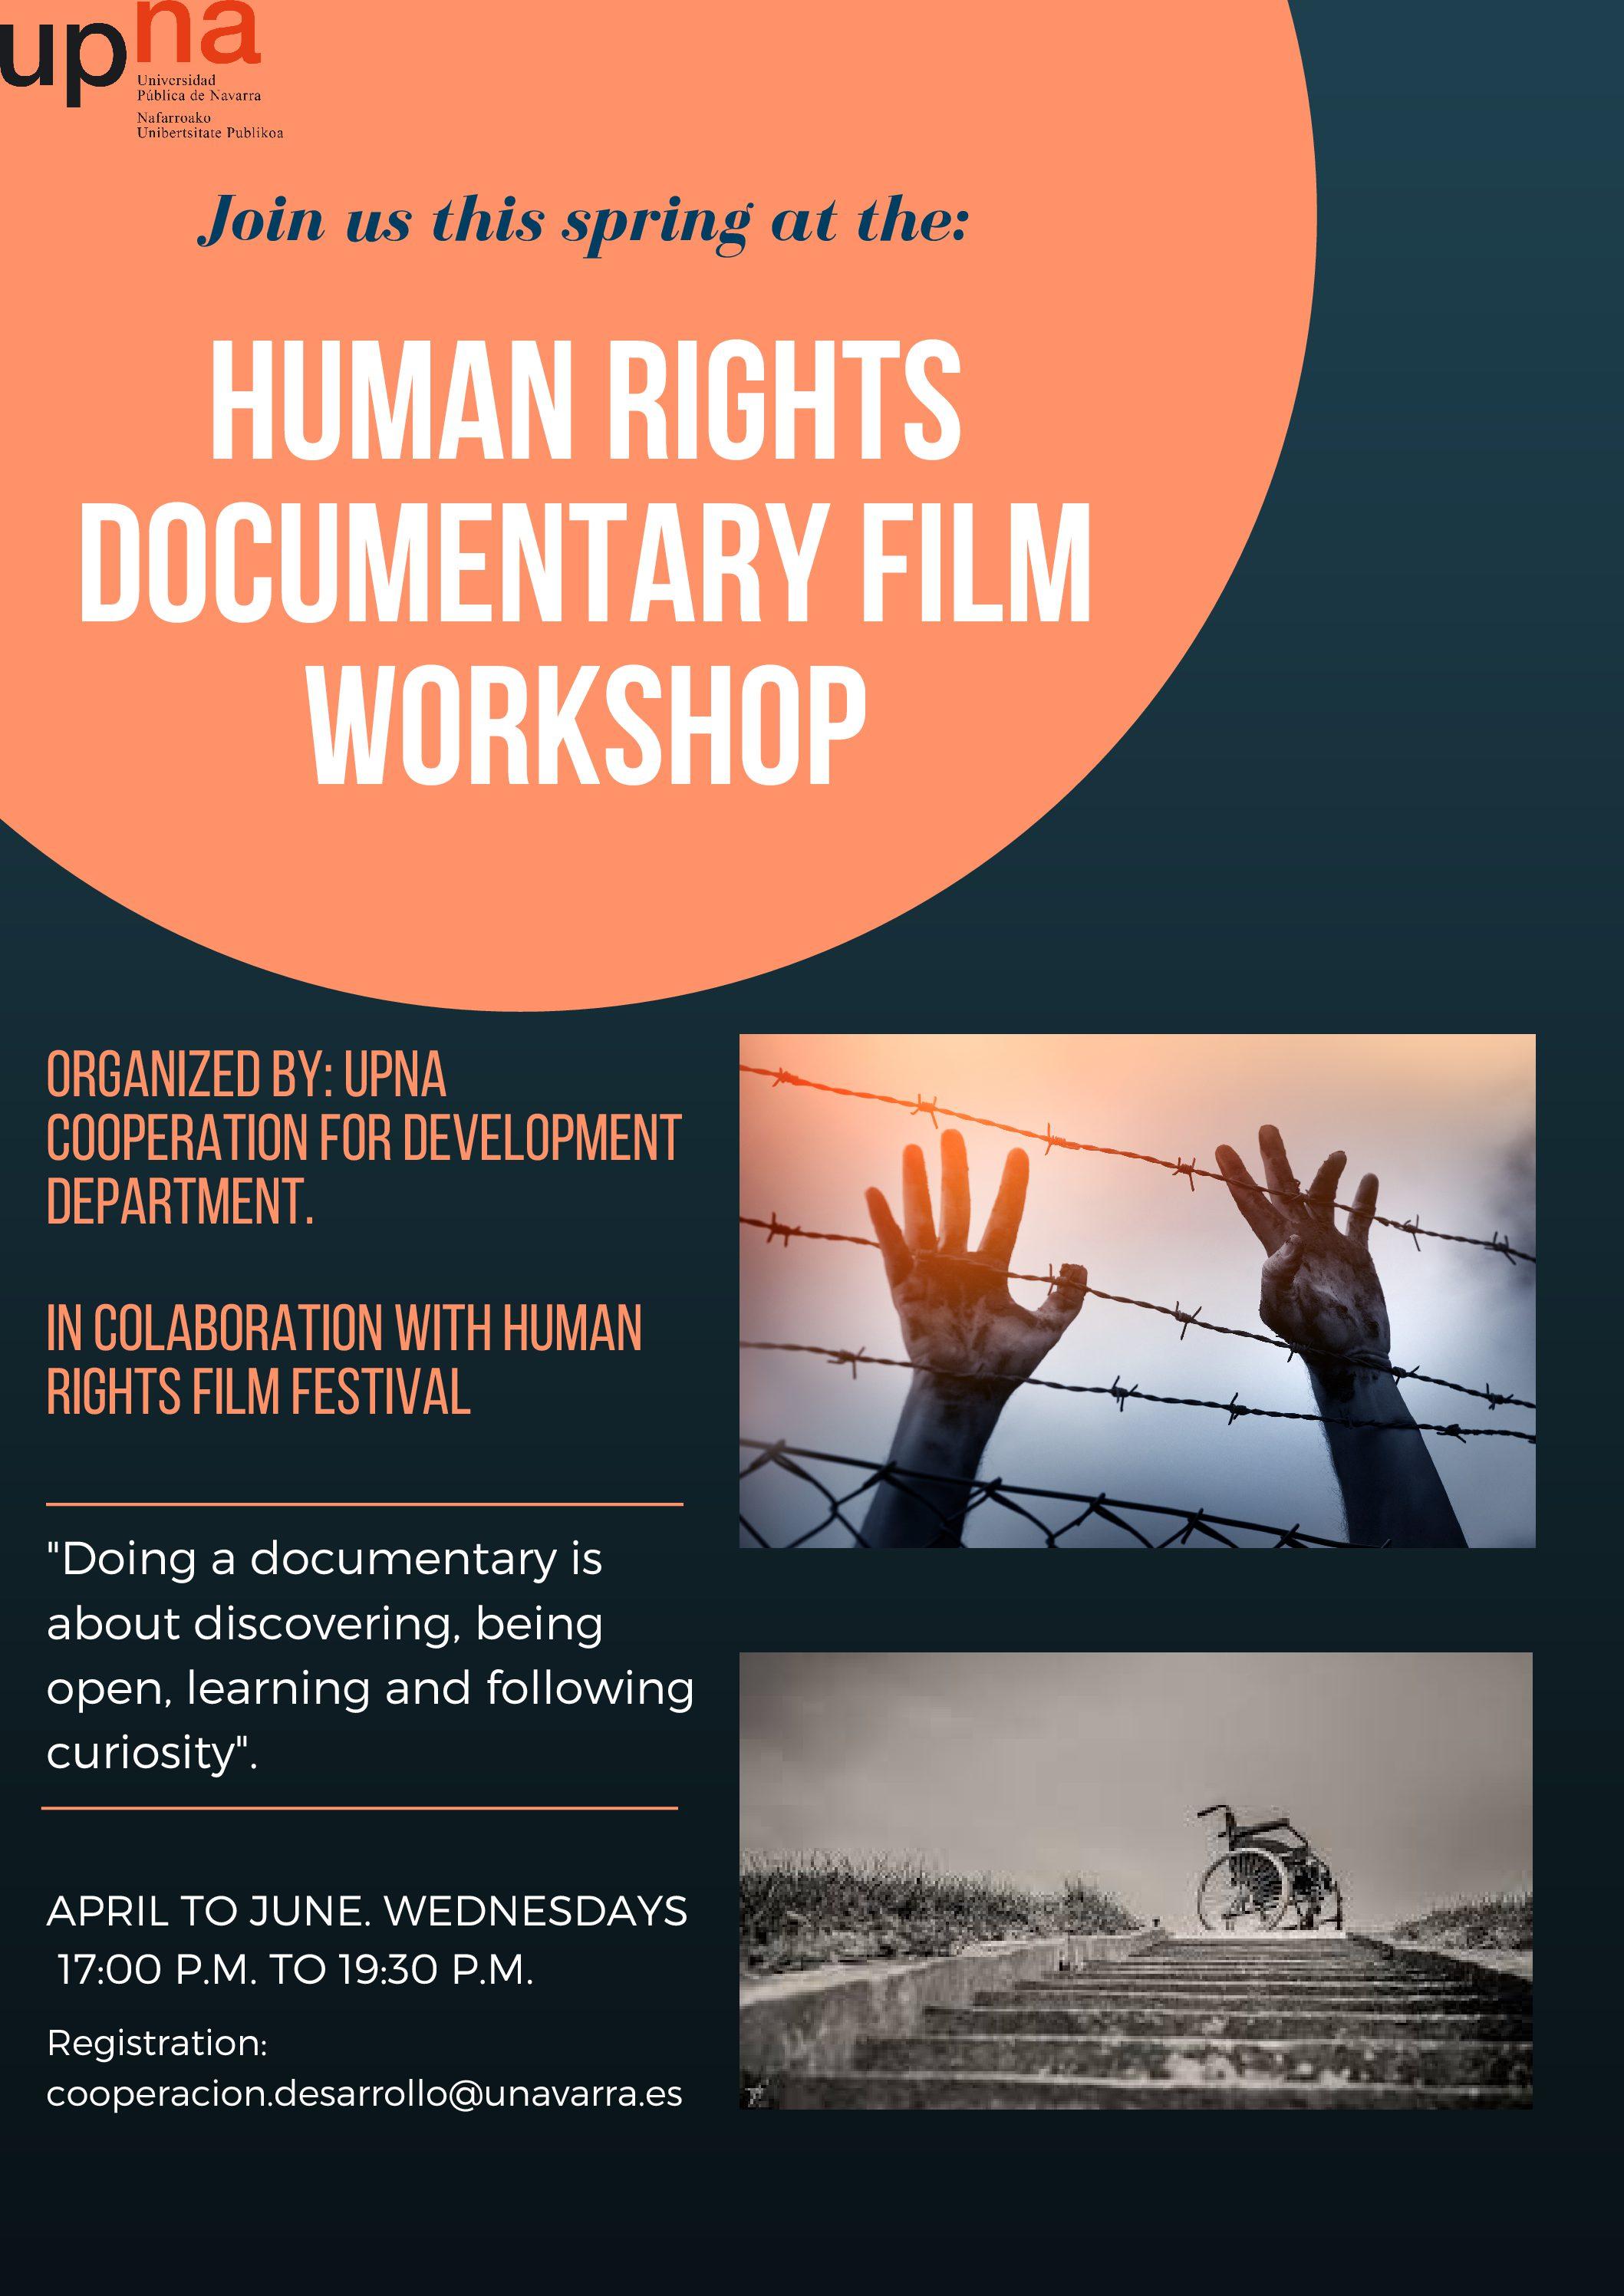 Taller de documentales sobre Derechos Humanos / Human Rights documentary film workshop (abierta inscripción)